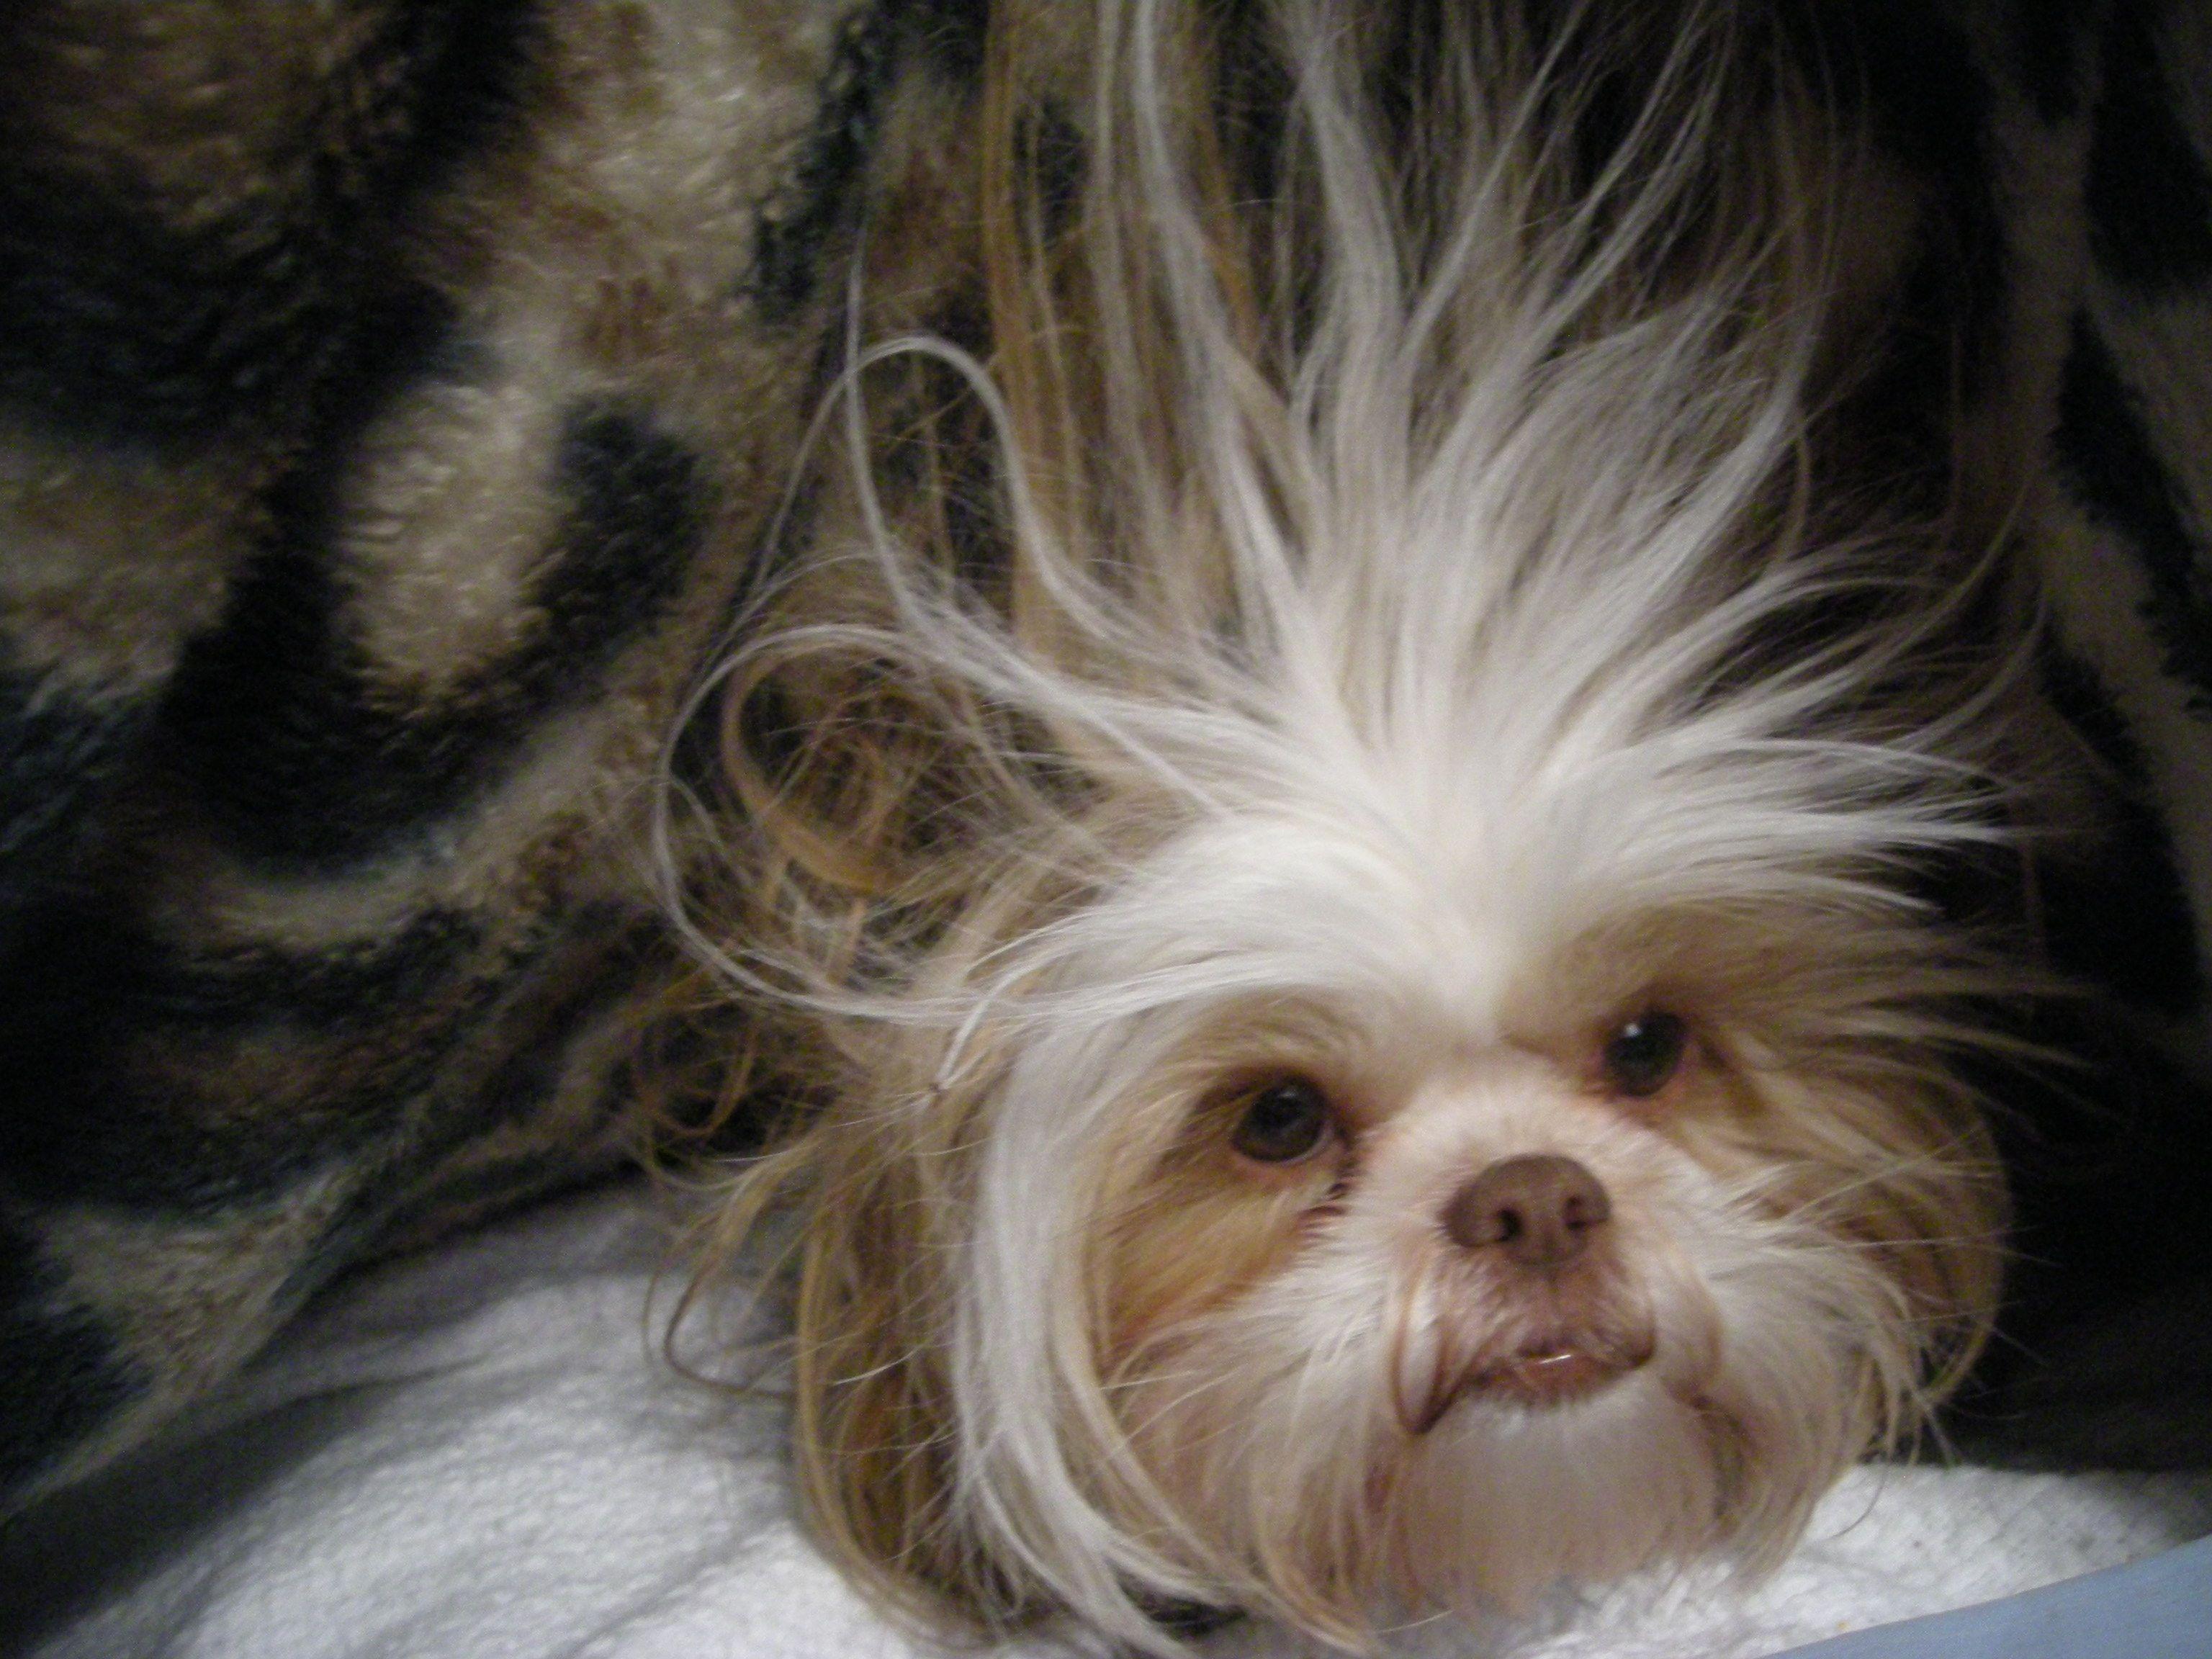 Bella Was Under A Blanket When I Took This Freaky Shih Tzu Shih Tzu Puppy Shih Tzu Dog